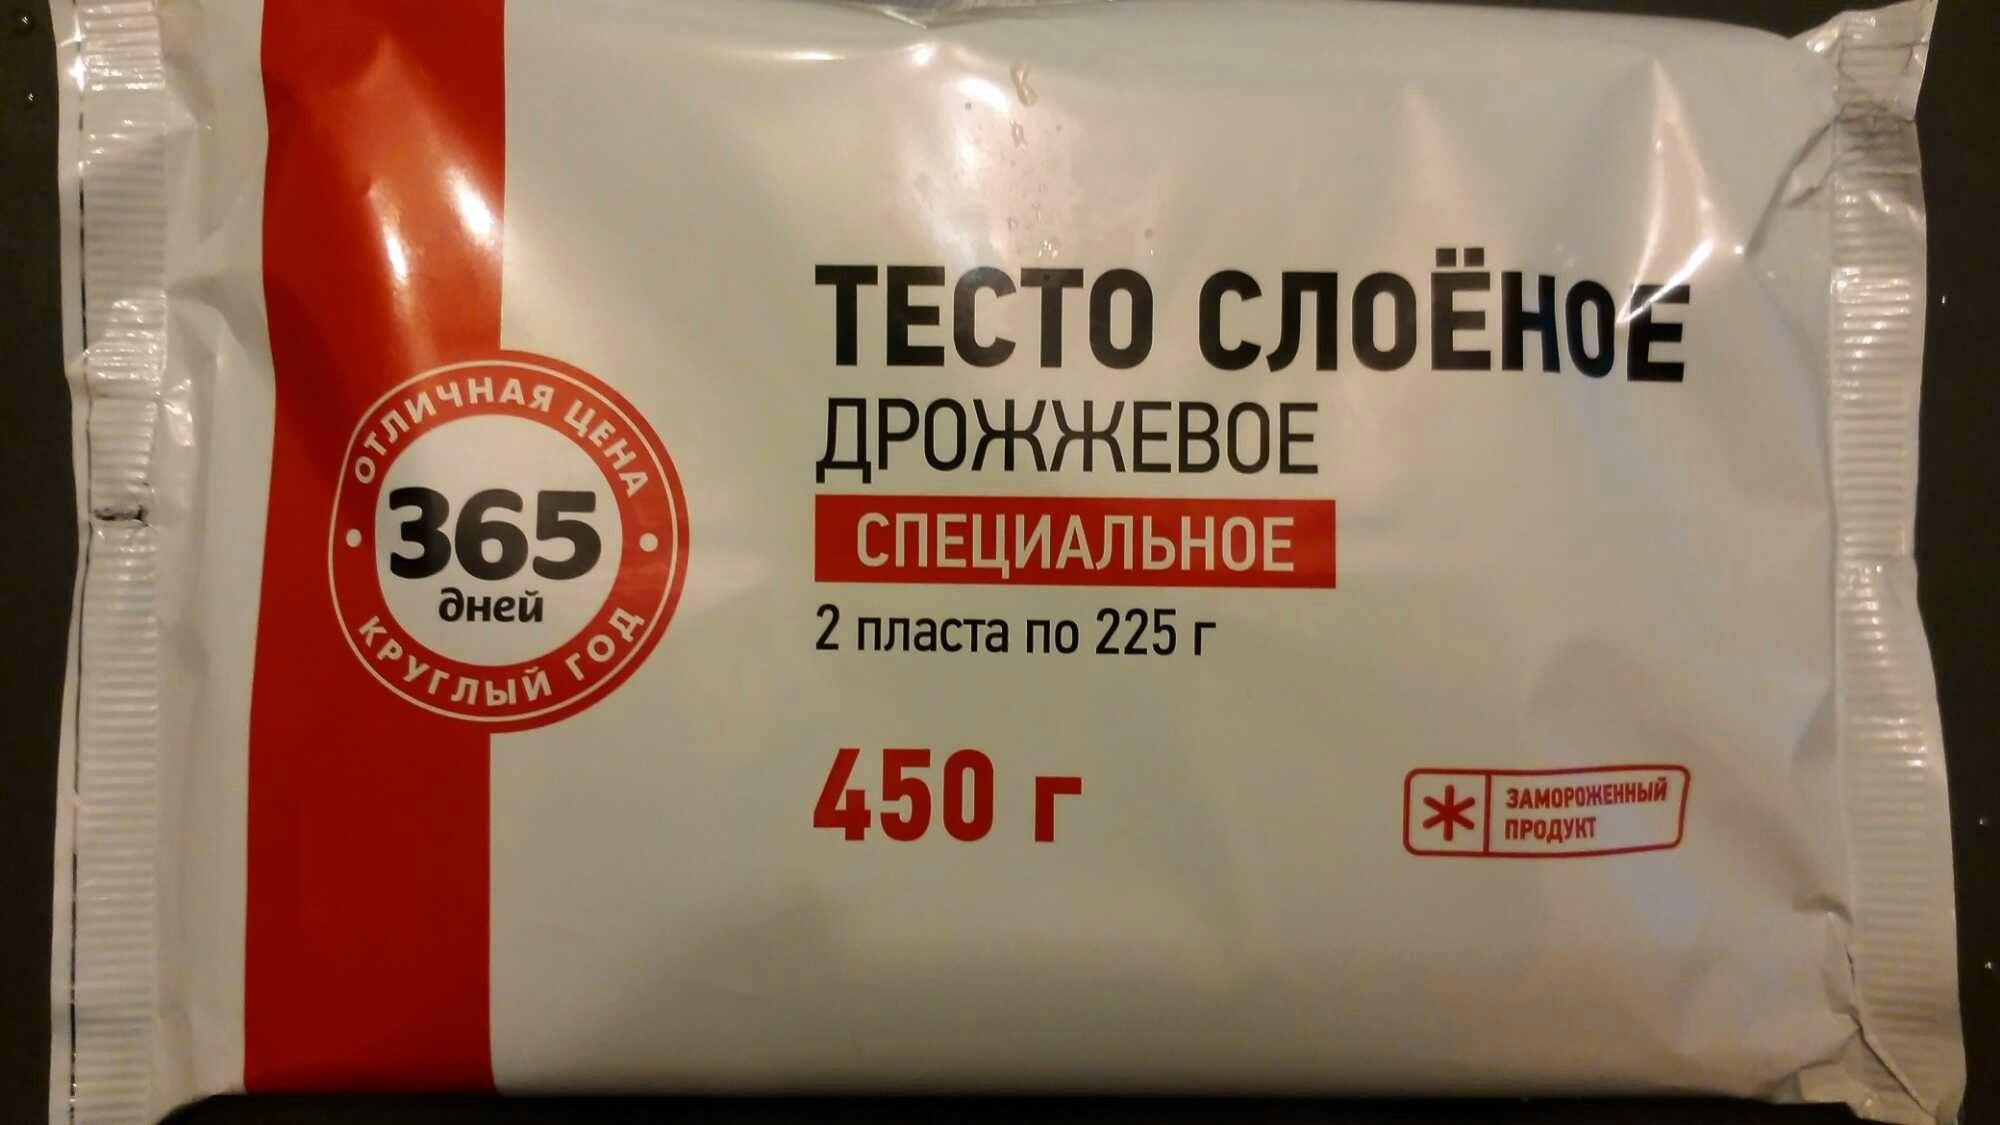 Тесто слоёное дрожжевое специальное - Product - ru